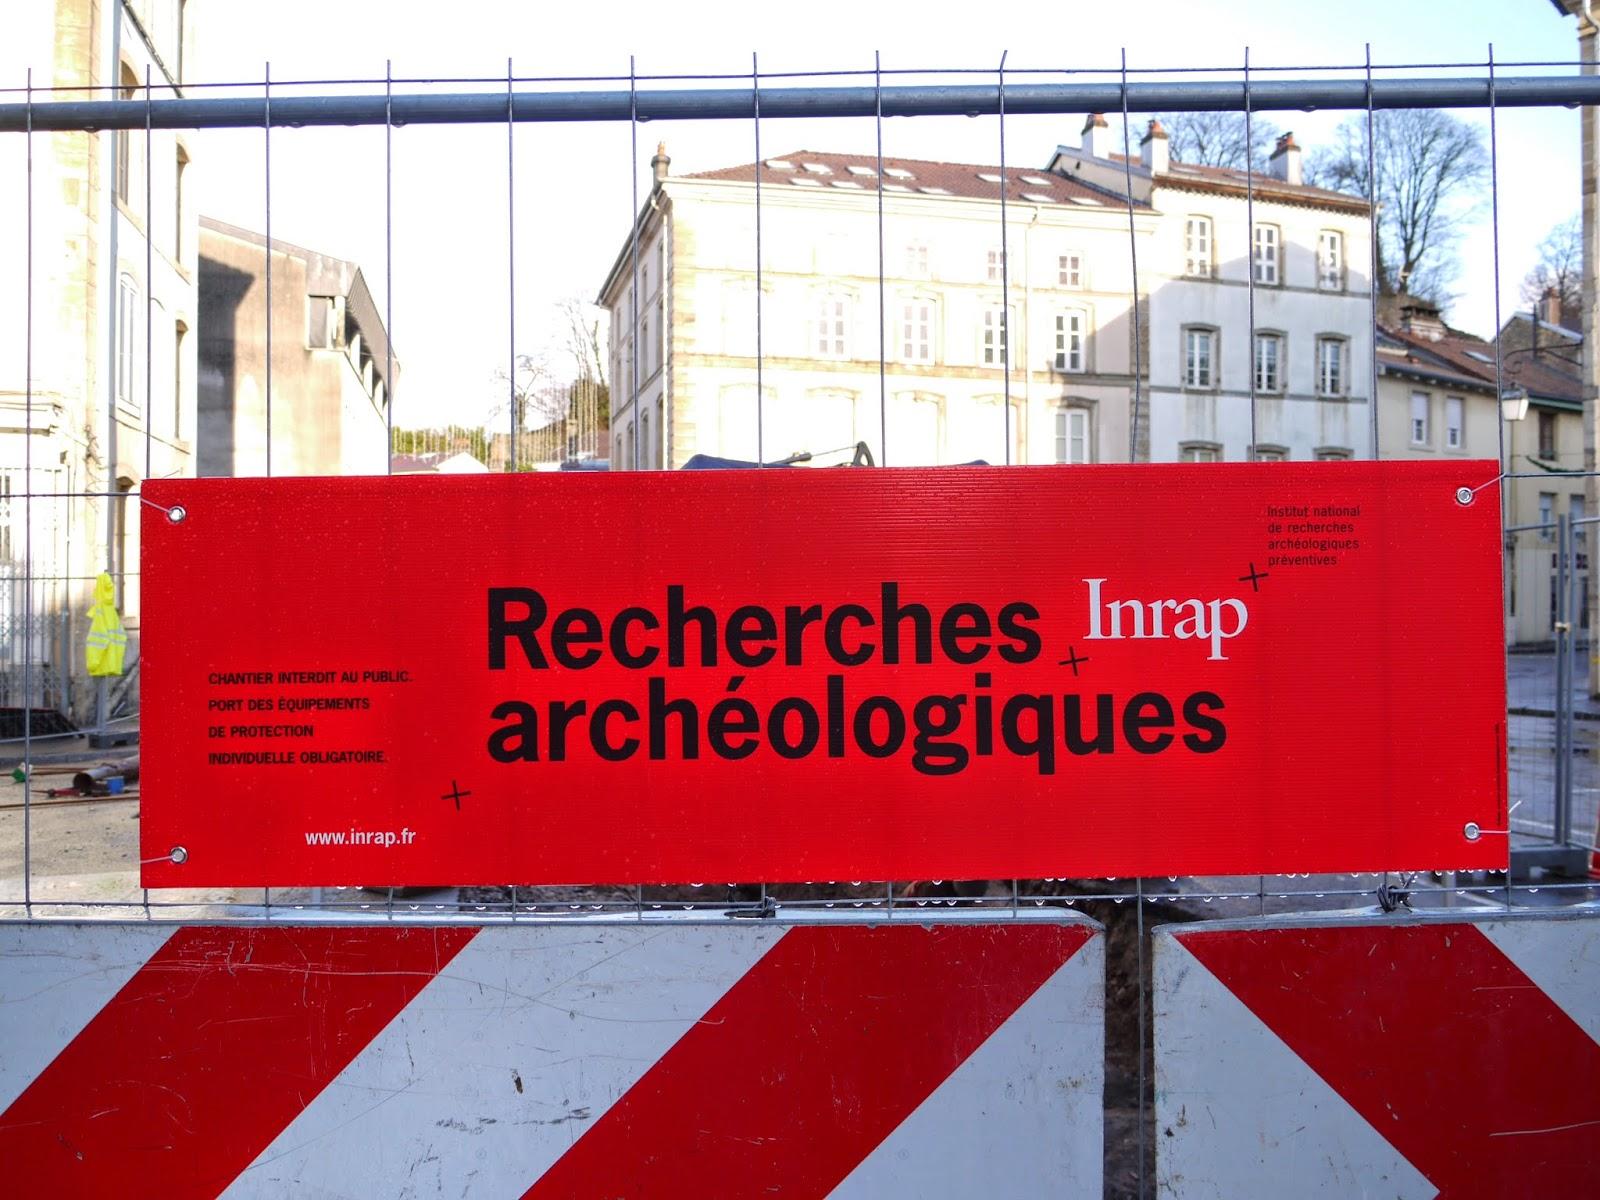 La présence des archéologues est attestée